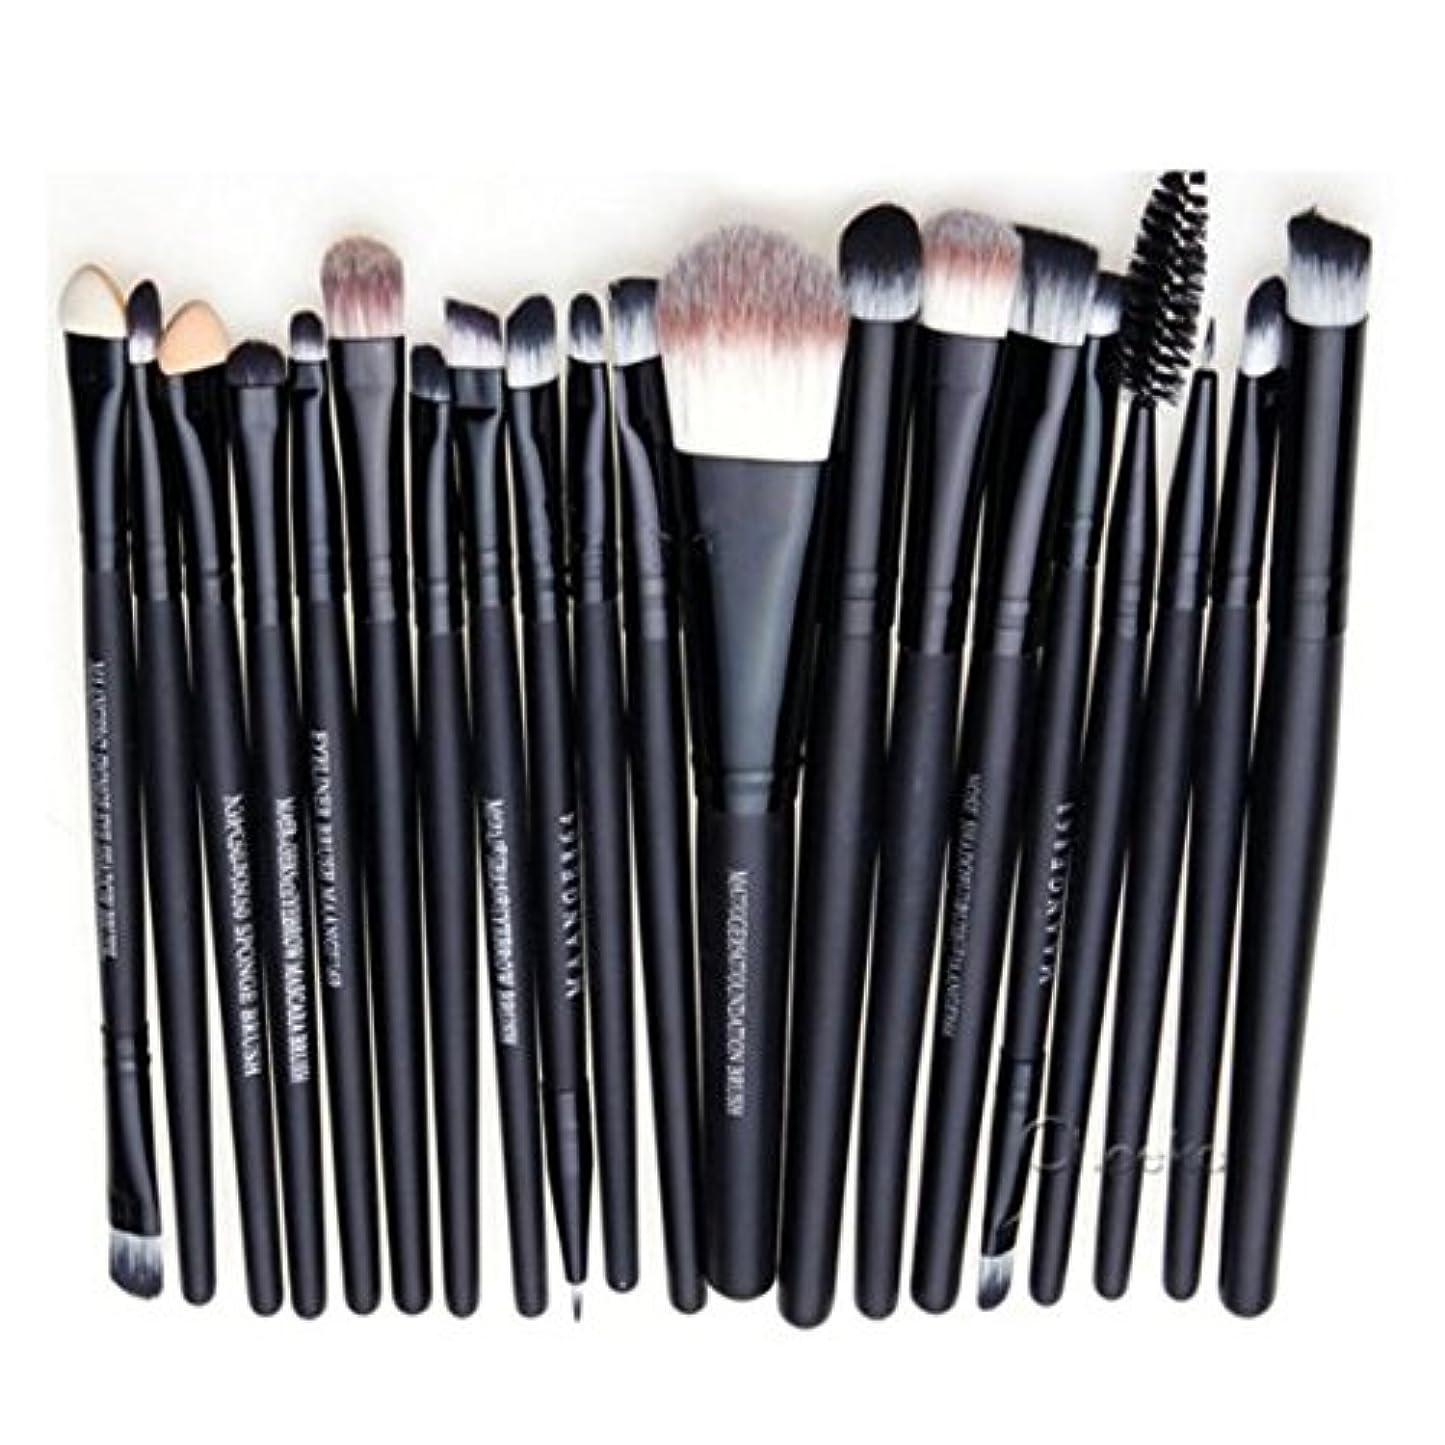 Doitsa プロメイクアップブラシ メイクブラシセット 化粧筆 ツール 高級メイクブラシ 化粧ブラシ ファンデーションブラシ コンシーラー 多機能 アイシャドウブラシ 20本セット 黒